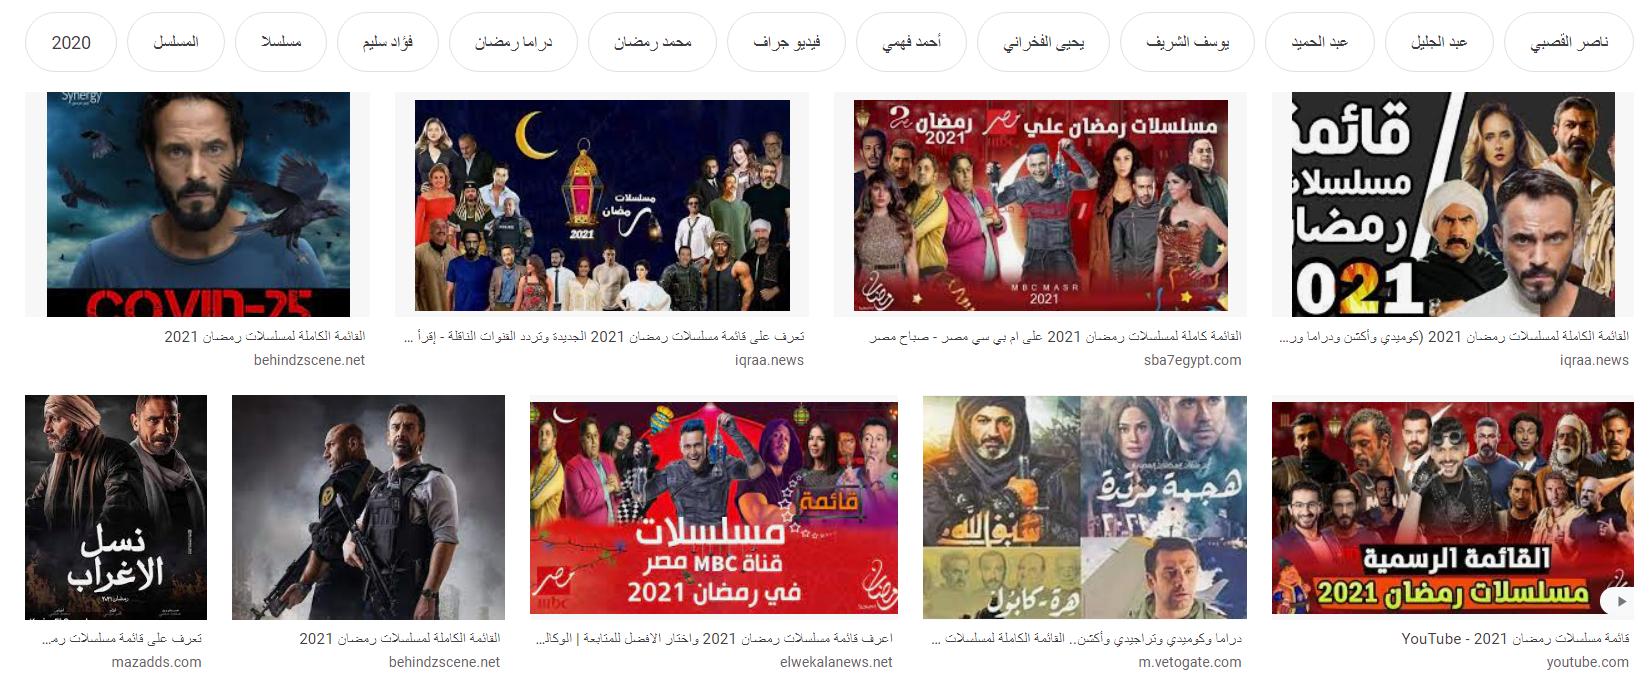 القائمة الكاملة لمسلسلات شهر رمضان 2021 حصريا اون لاين الجمهوريه الجمهورية اليوم دوت كوم